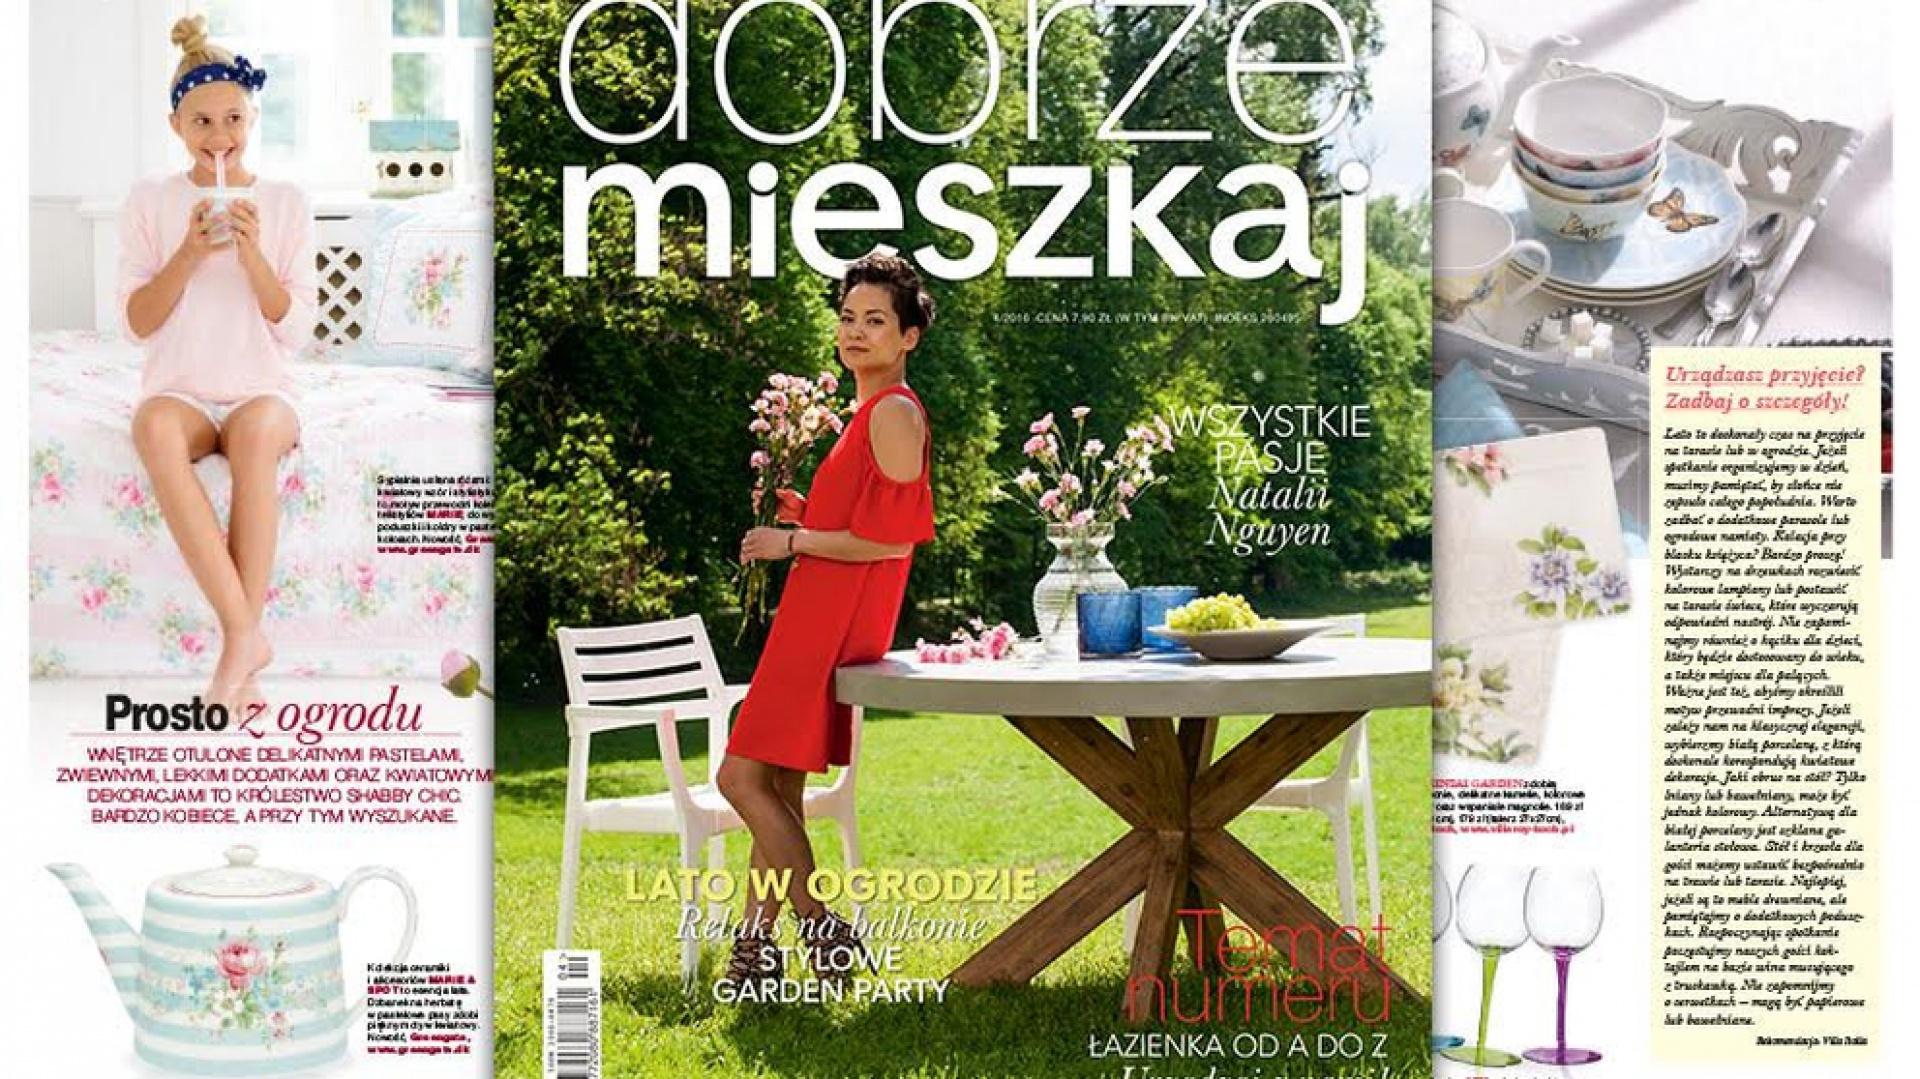 """Nowa odsłona magazynu """"Dobrze Mieszkaj"""" to także odświeżony, nowoczesny, pełen kolorów layout, podkreślający urodę prezentowanych aranżacji wnętrz i pozwalający w pełni pokazać ich projektowy potencjał."""